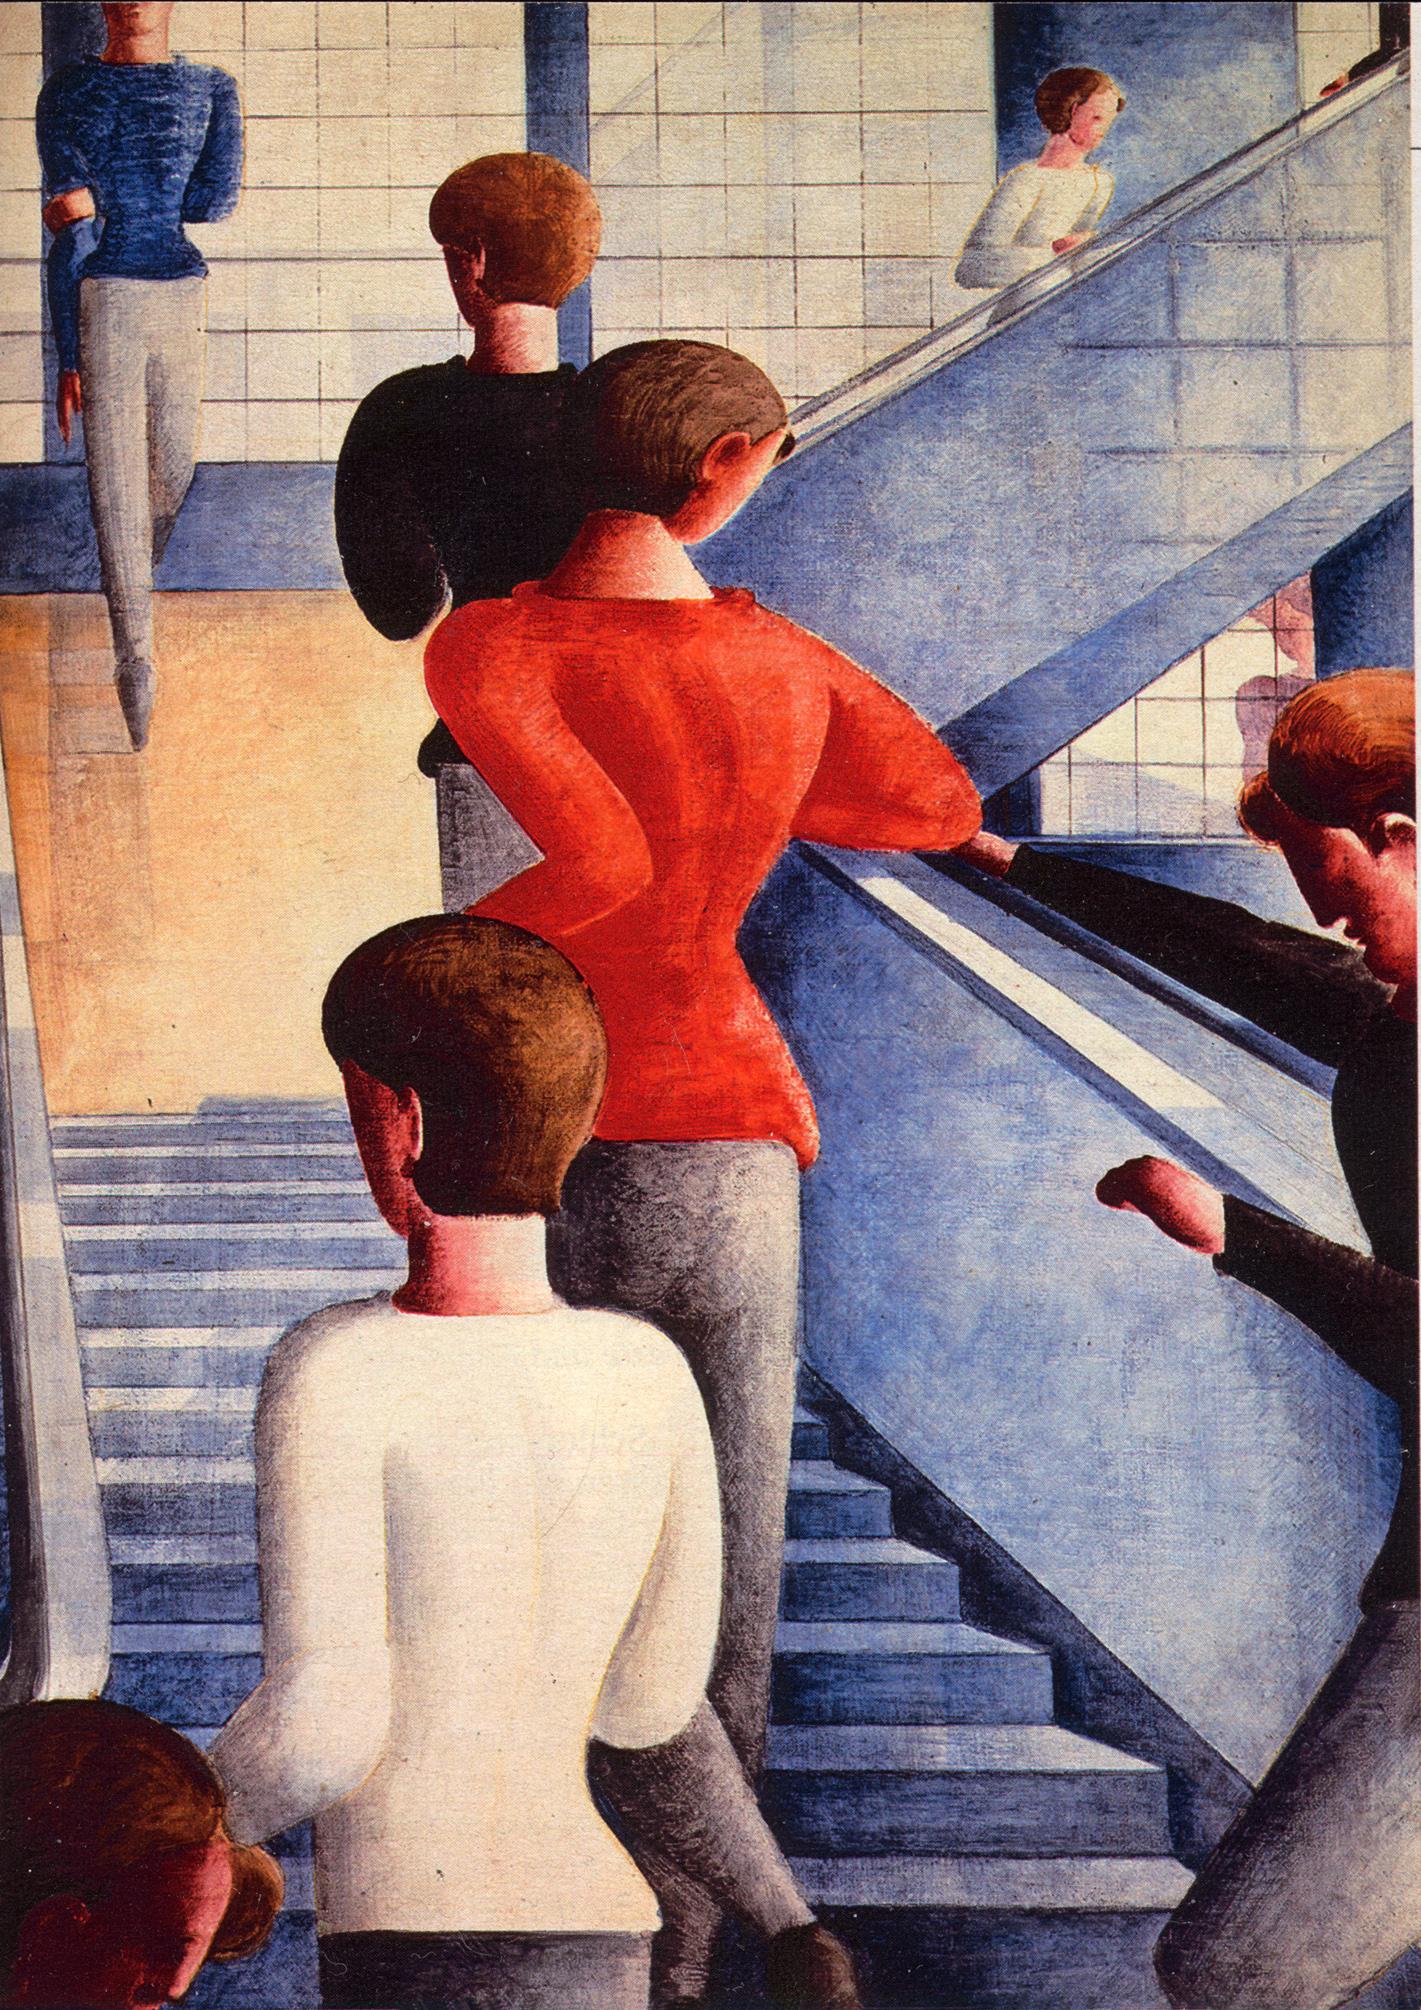 Bauhaustreppe, Gemälde von O. Schlemmer